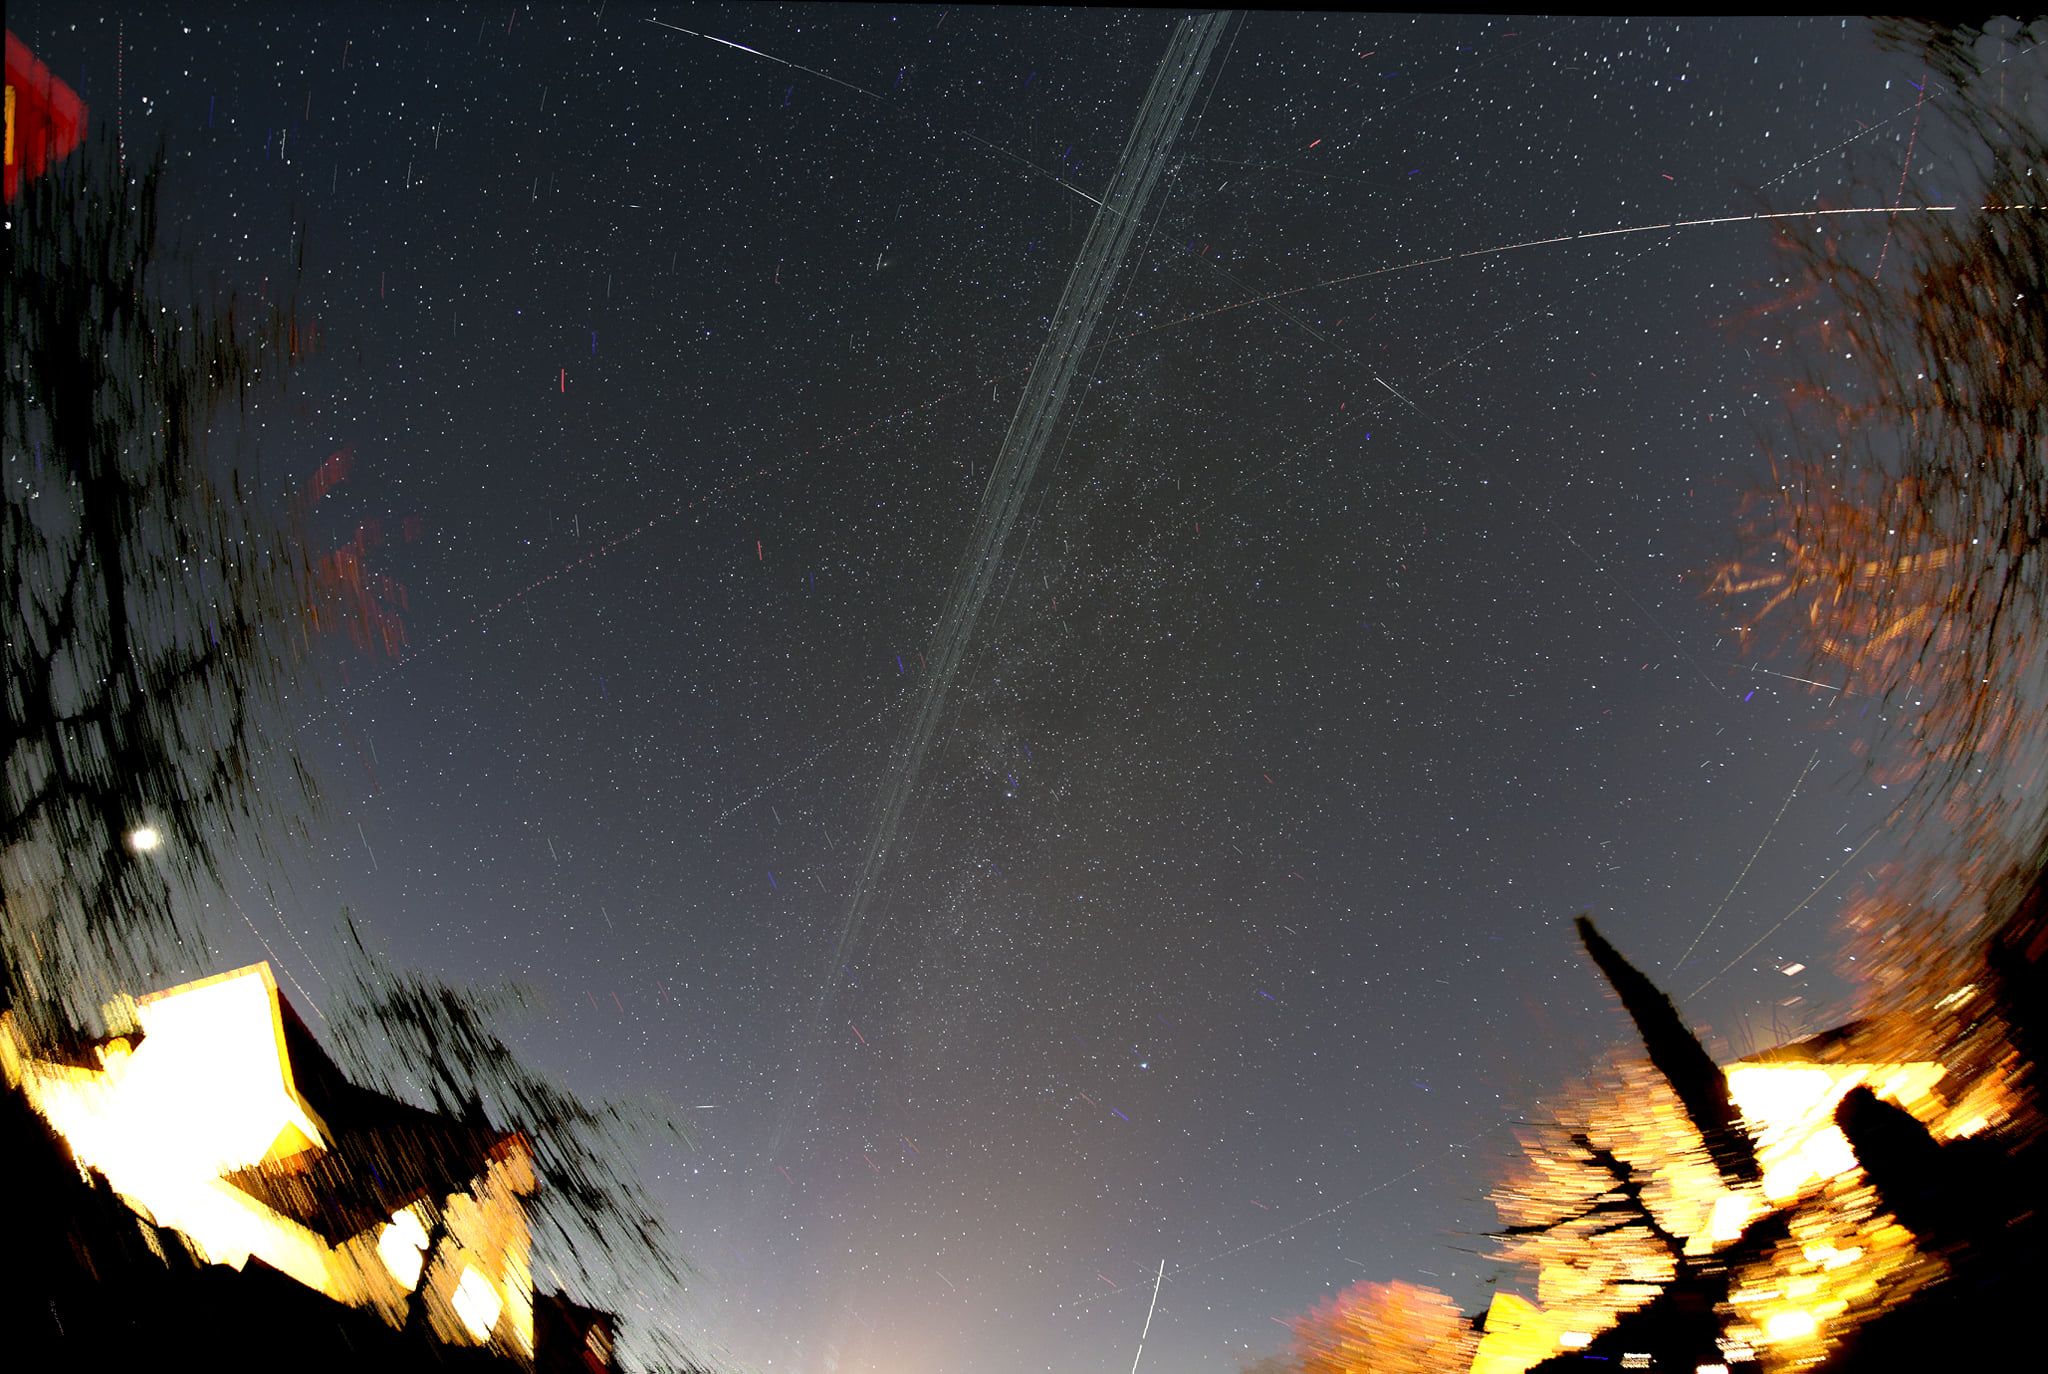 Da die Satelliten Sonnenlicht reflektieren, leuchten sie so hell wie Sterne und verursachen bei länger belichteten Aufnahmen Strichspuren am Sternhimmel. Bild: Andreas Hänel